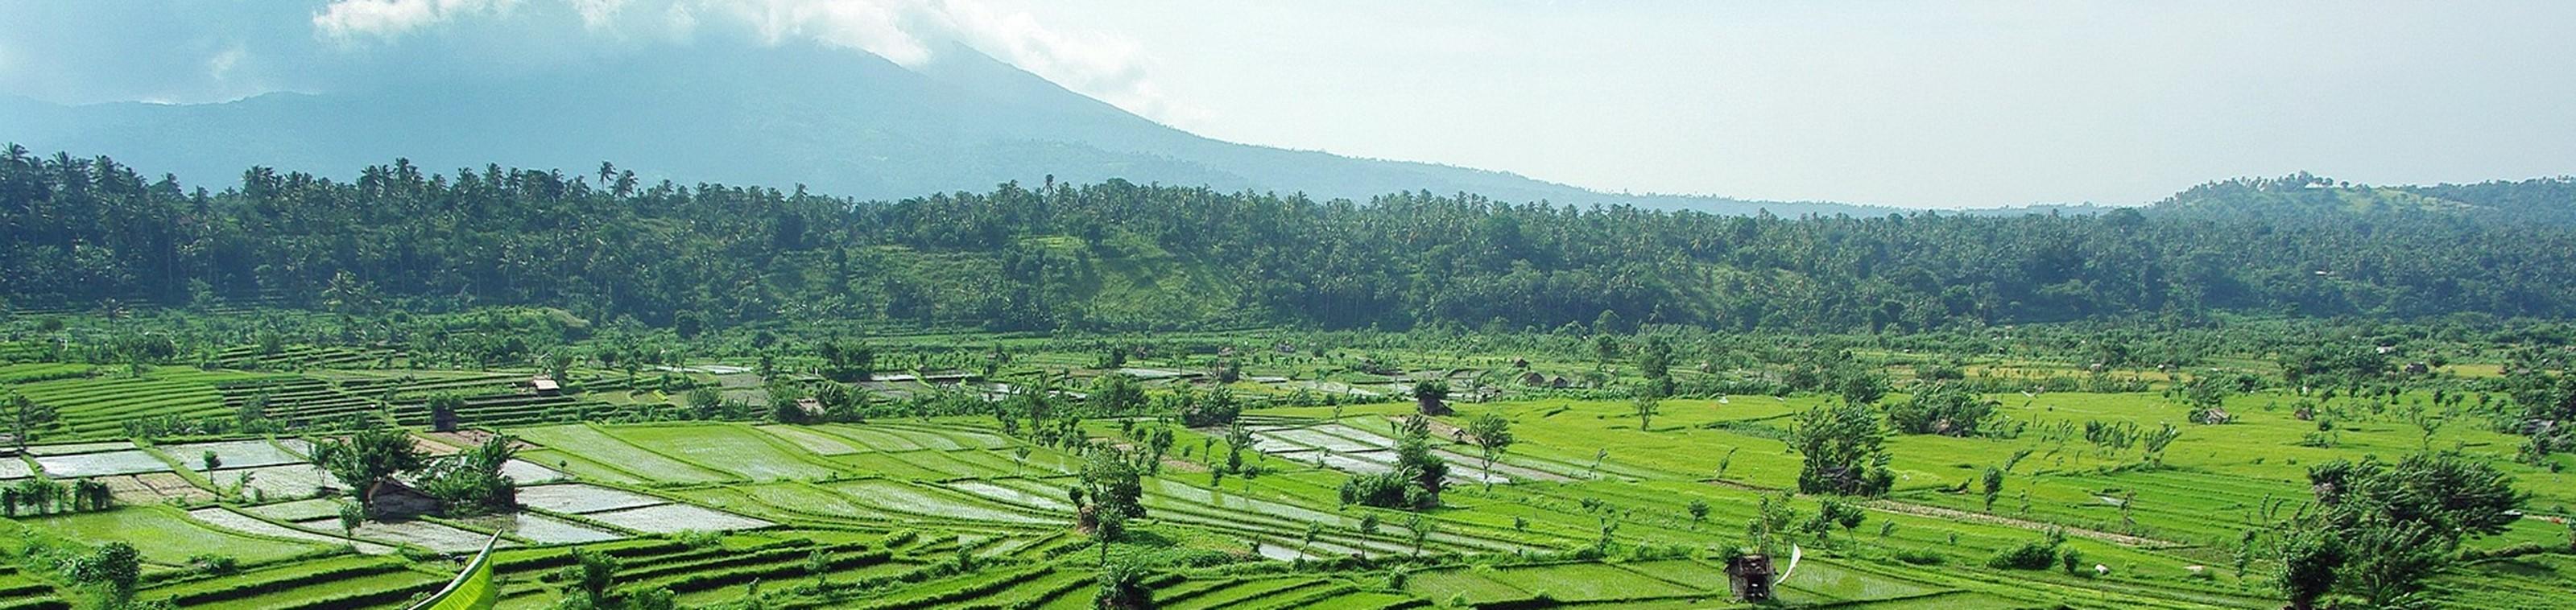 Bali 4 Kids